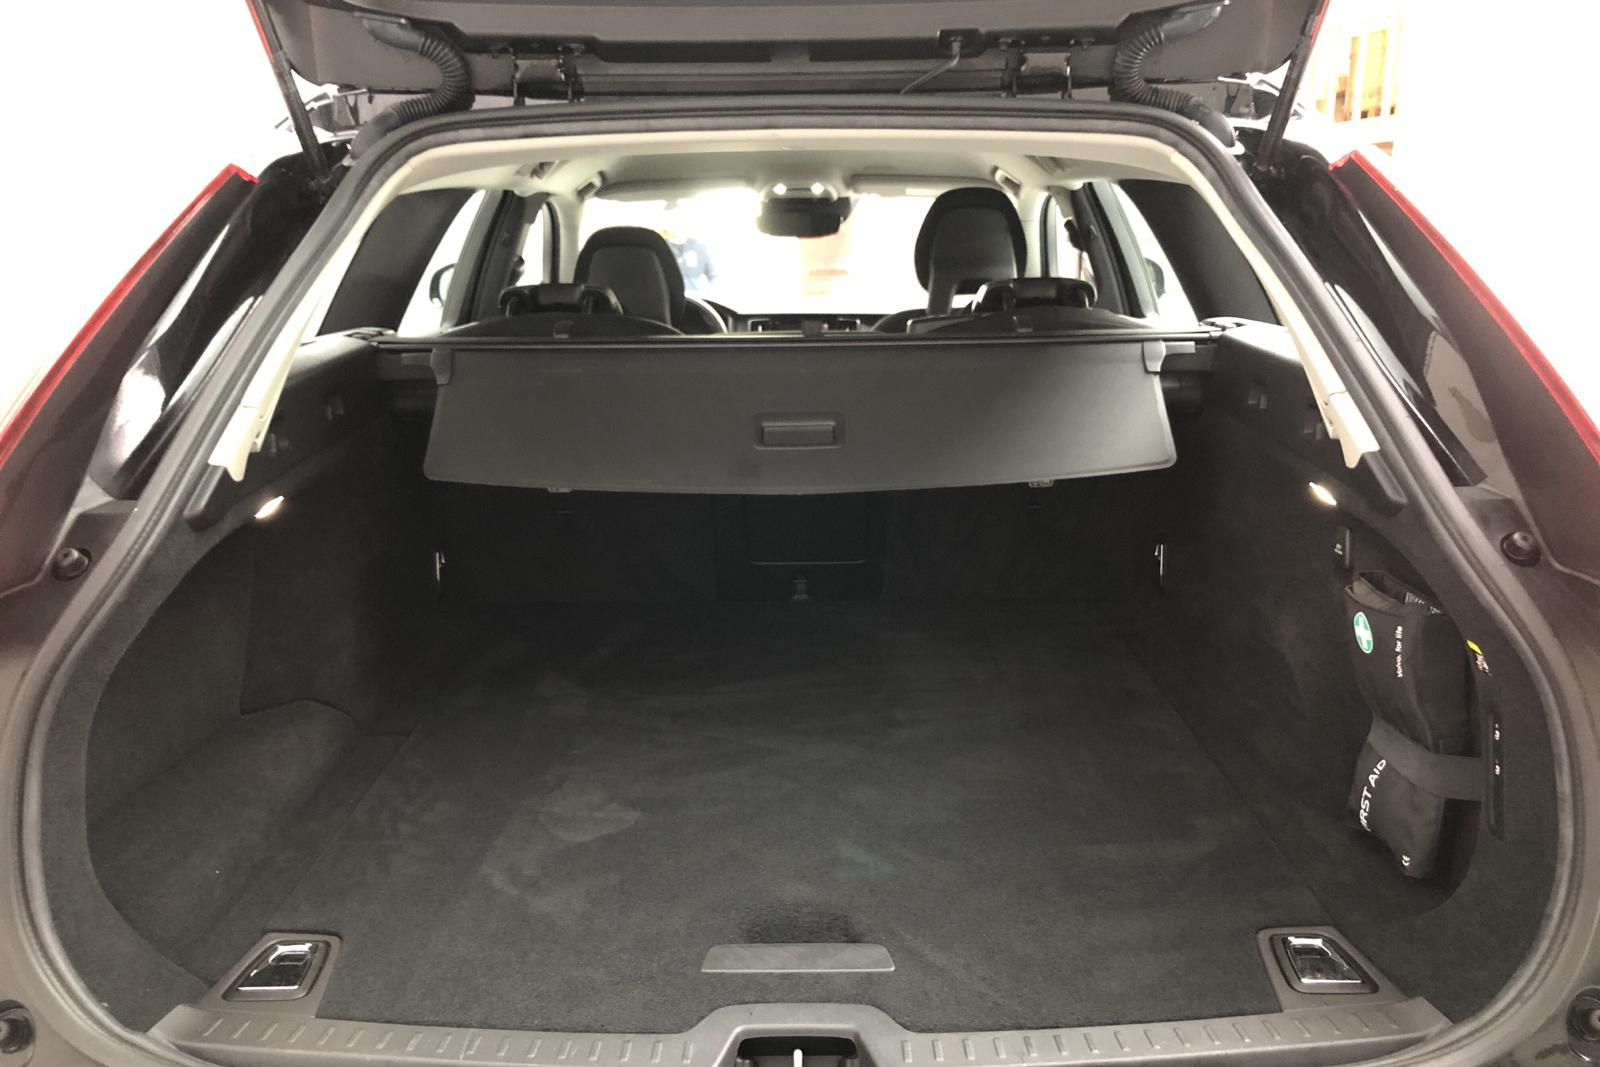 Volvo V90 D4 Cross Country AWD (190hk) - 45 570 km - Automatic - black - 2017